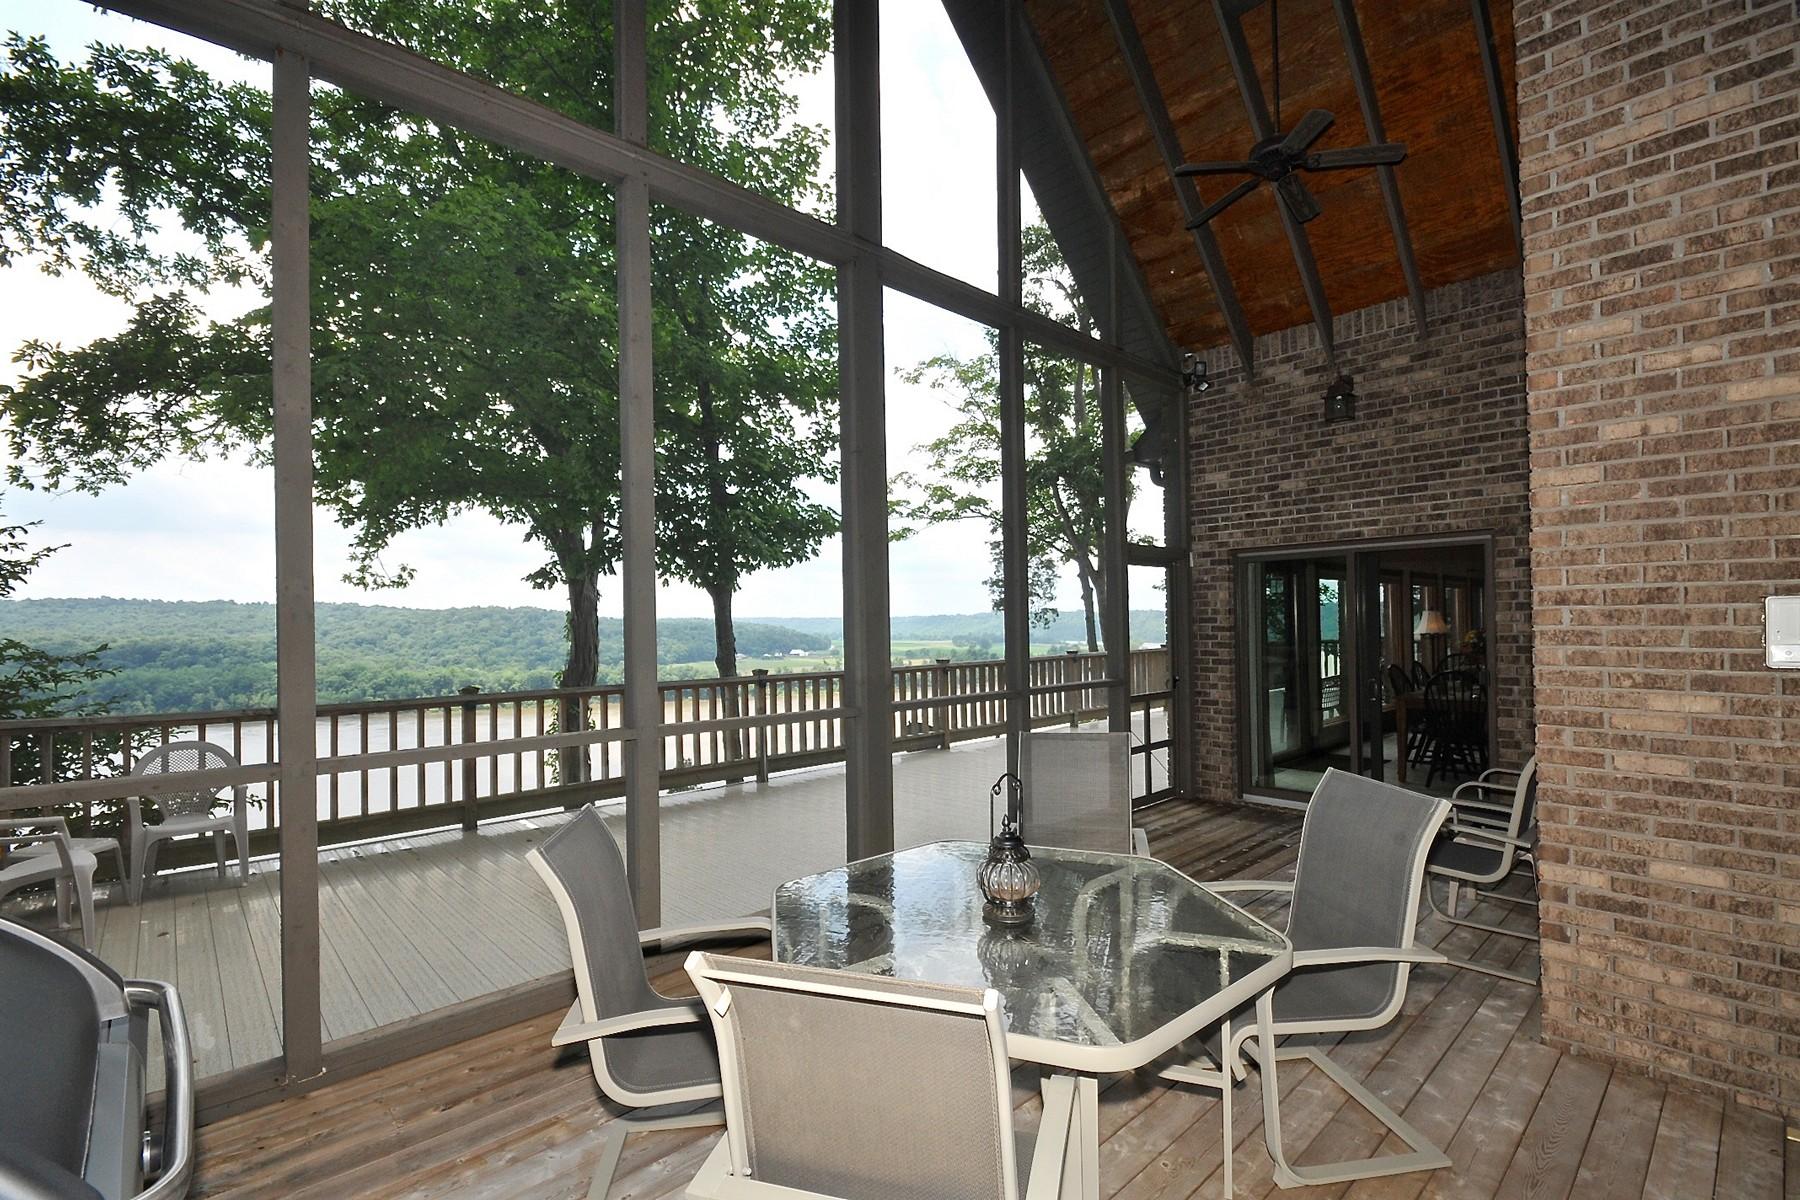 Maison unifamiliale pour l Vente à Breathtaking Views Overlooking the Ohio River 301 S Horse Shoe Bend Blvd Leavenworth, Indiana, 47137 États-Unis